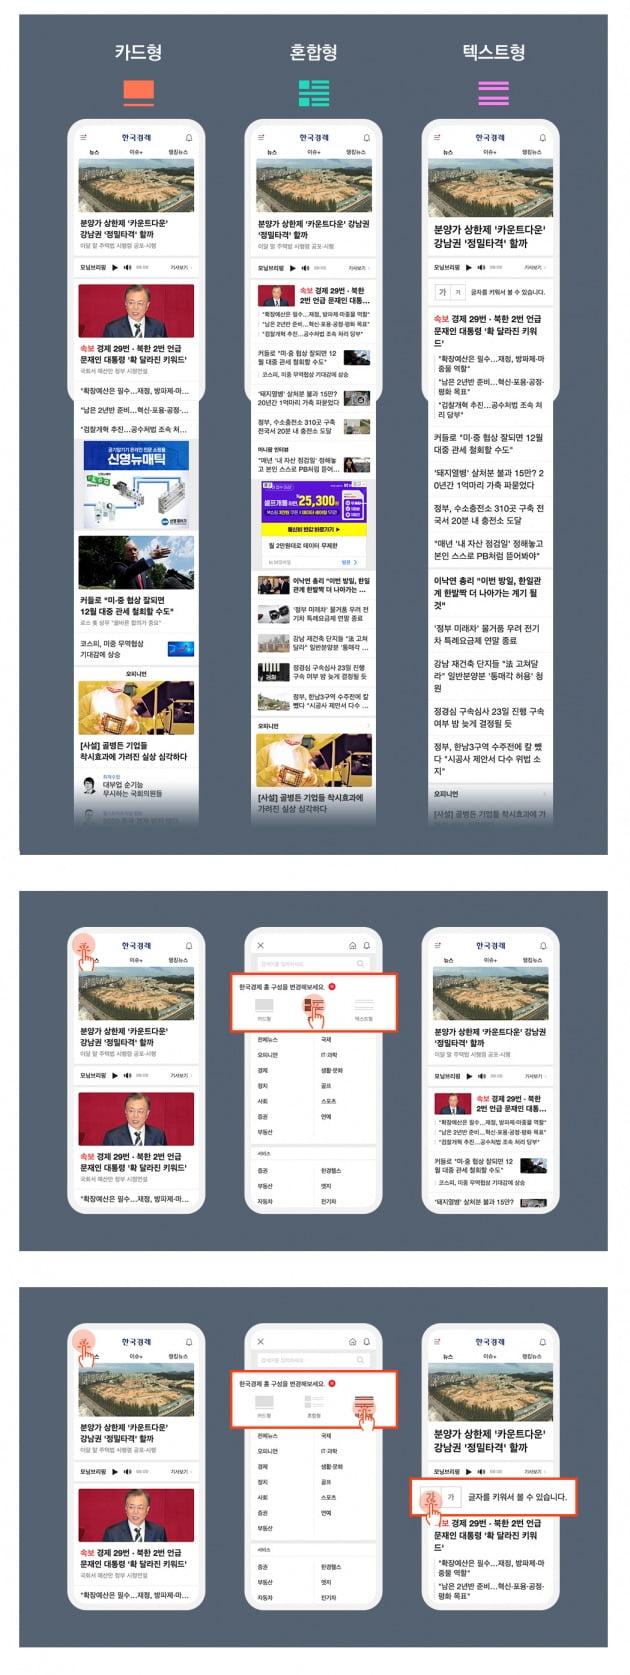 한경닷컴이 23일 새롭게 선보인 모바일 홈페이지. 카드형, 혼합형, 텍스트형 중 한 가지를 선택해 독자가 원하는 방식으로 뉴스를 볼 수 있다.